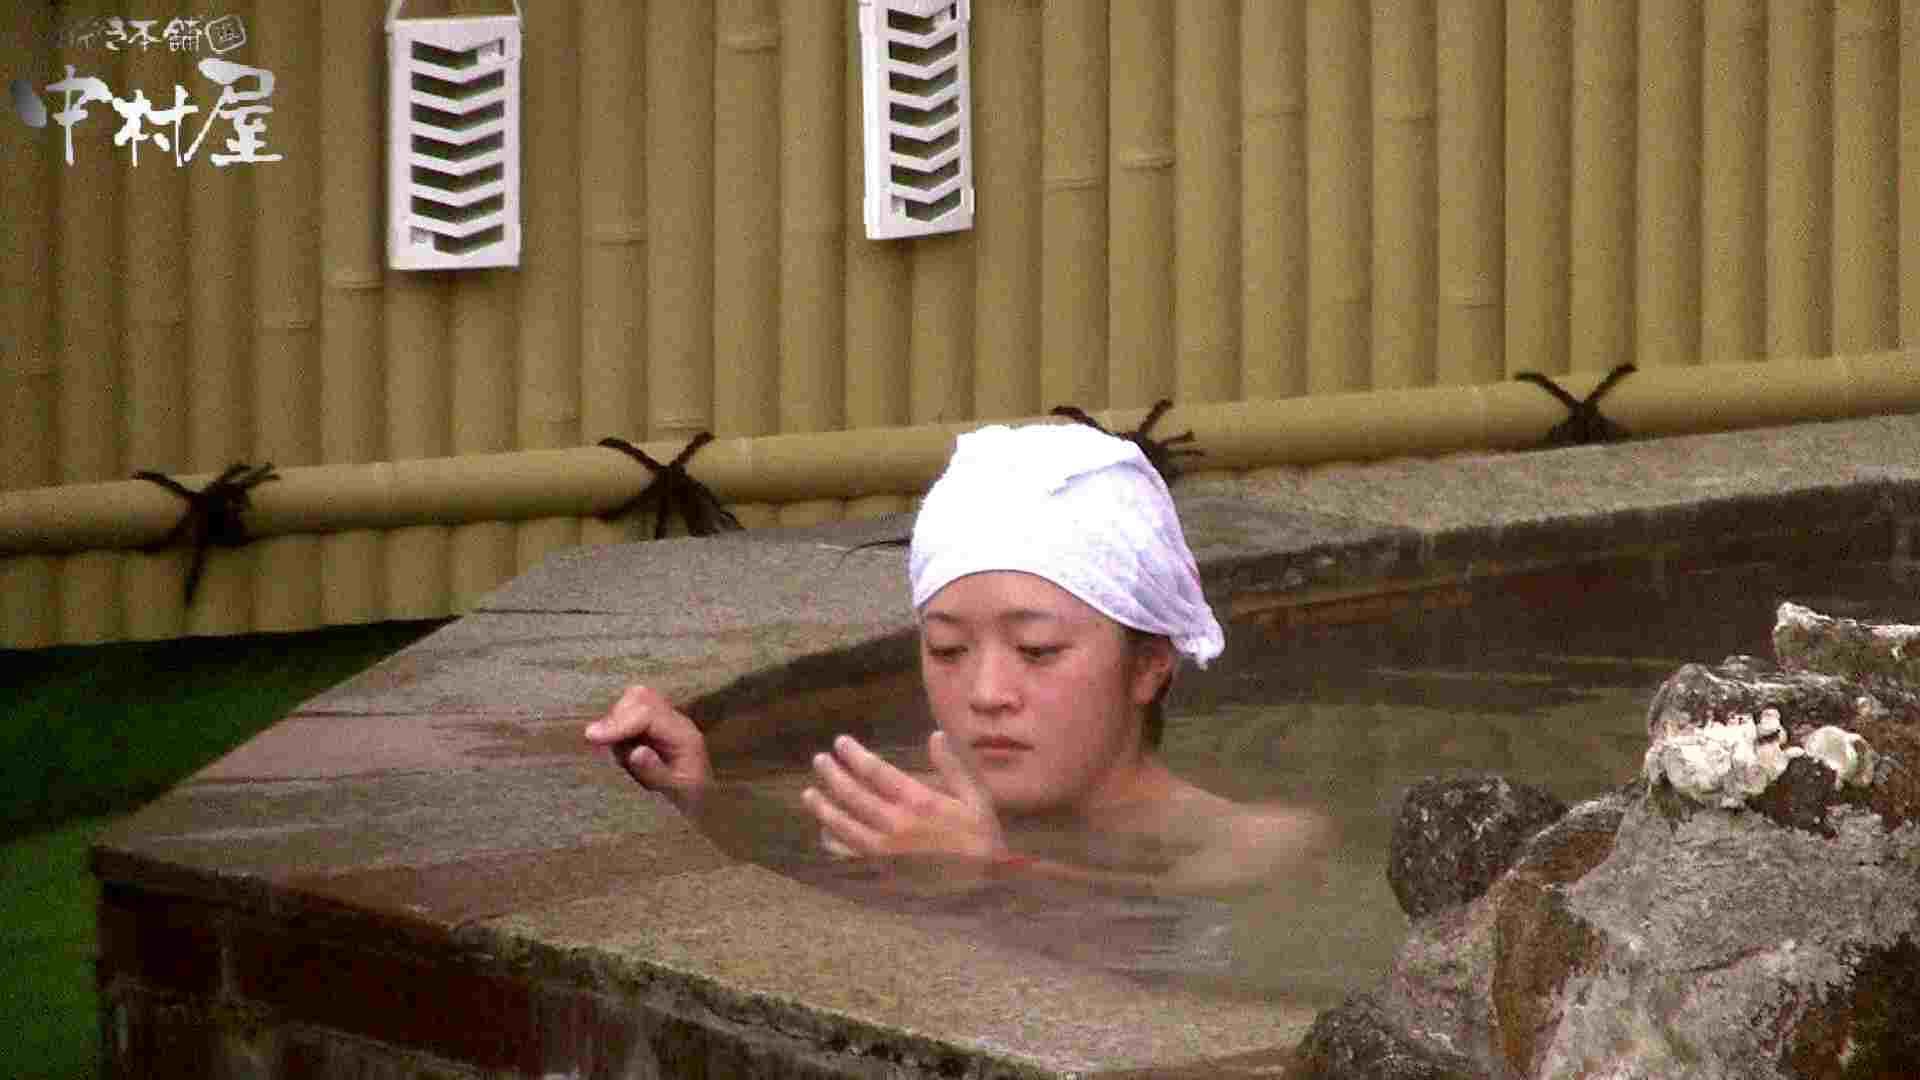 Aquaな露天風呂Vol.920 盗撮シリーズ  89PIX 20